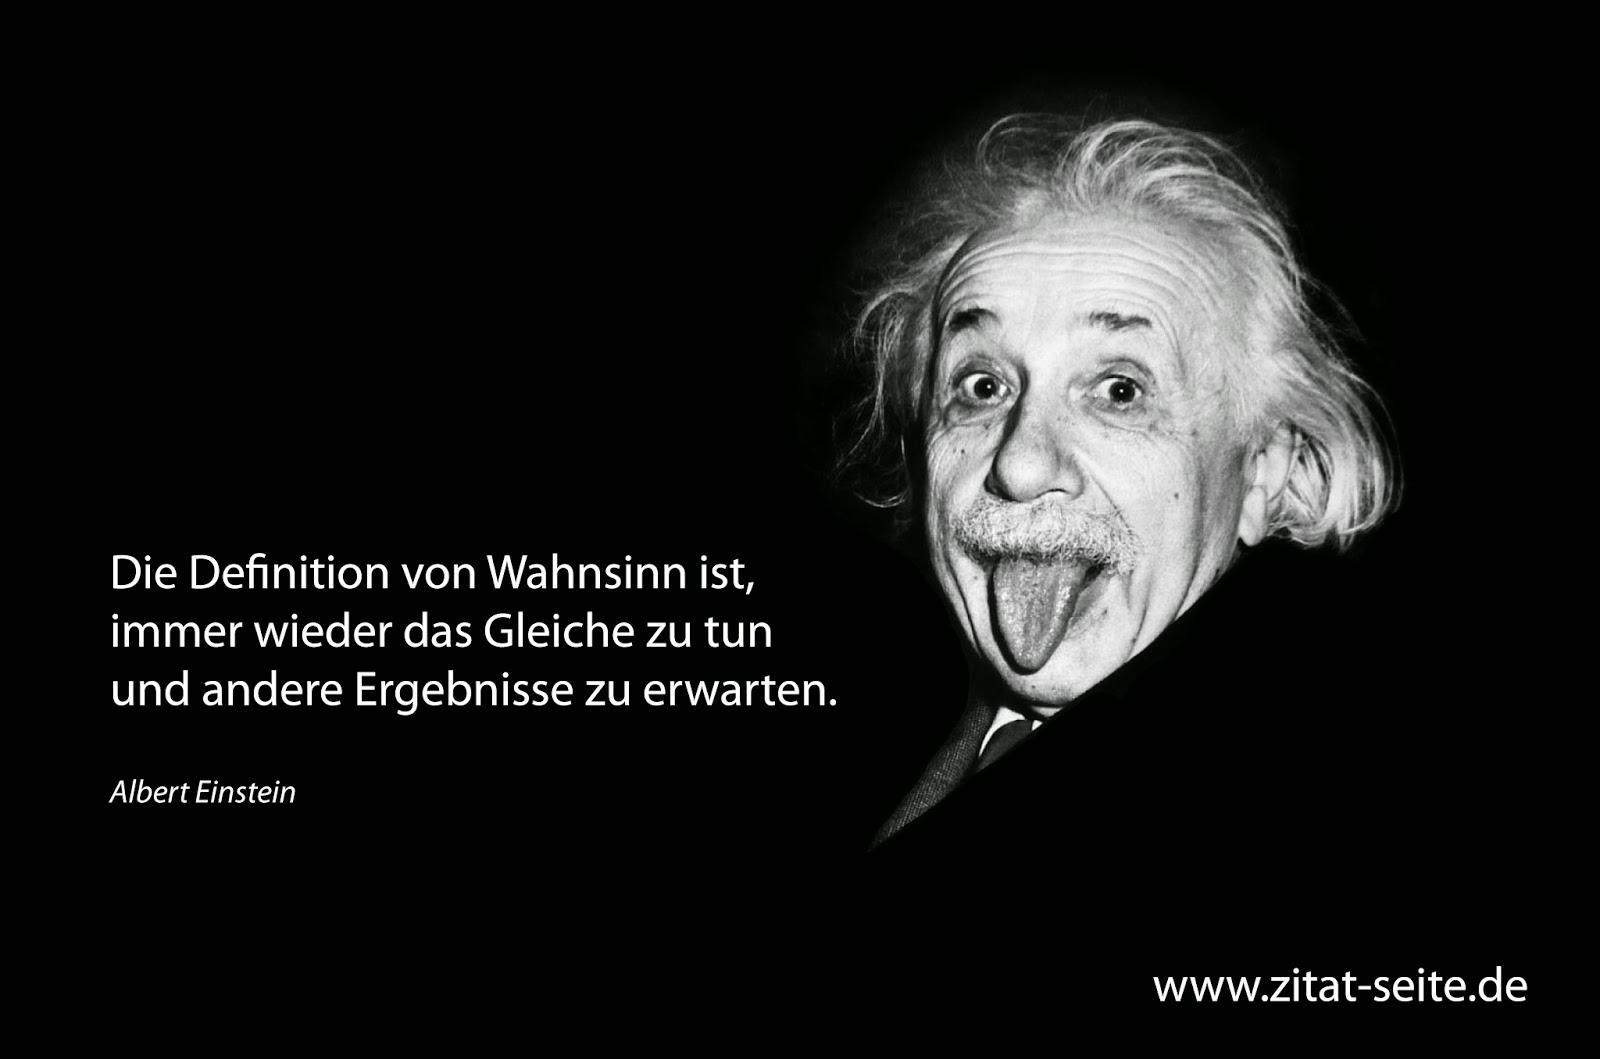 Zitat-Seite.de: Zitat: Die Definition von Wahnsinn ist